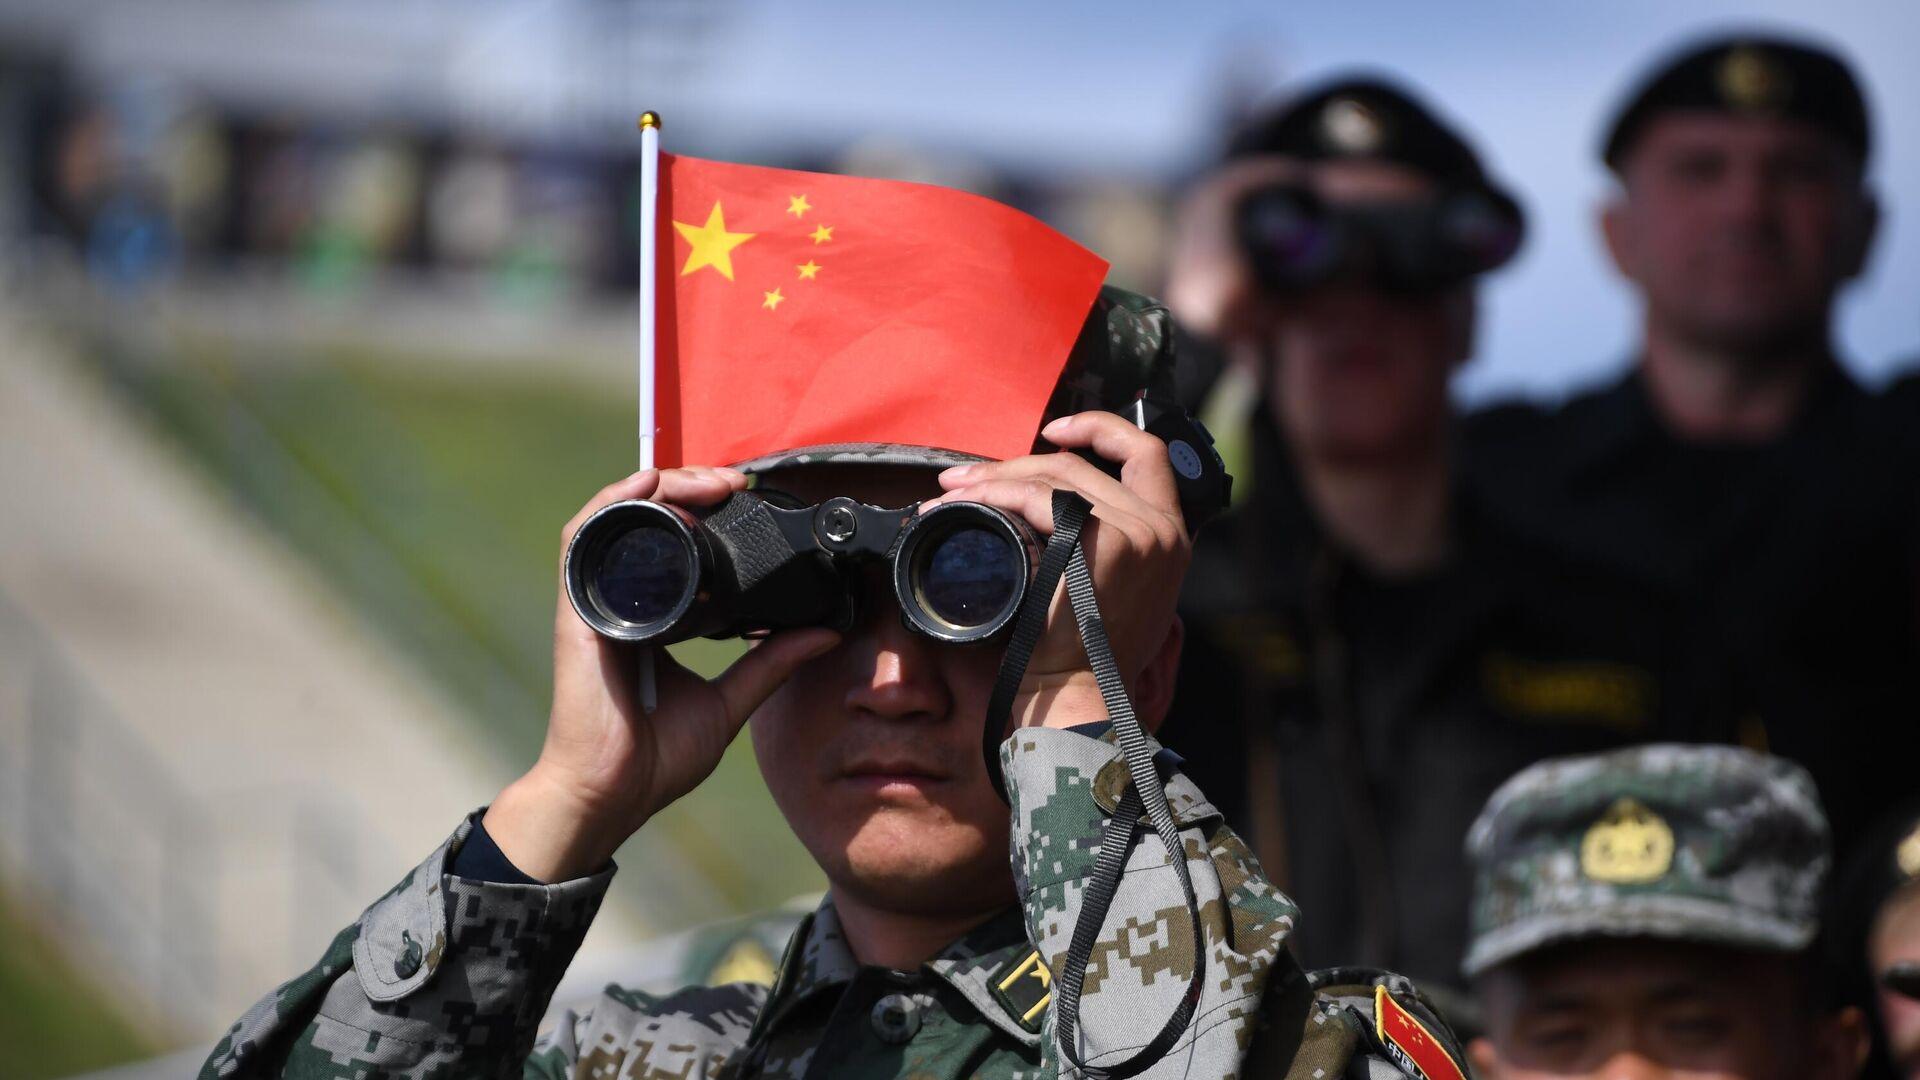 Военнослужащий армии Китая наблюдает в бинокль за соревнованиями  - Sputnik Таджикистан, 1920, 13.10.2021